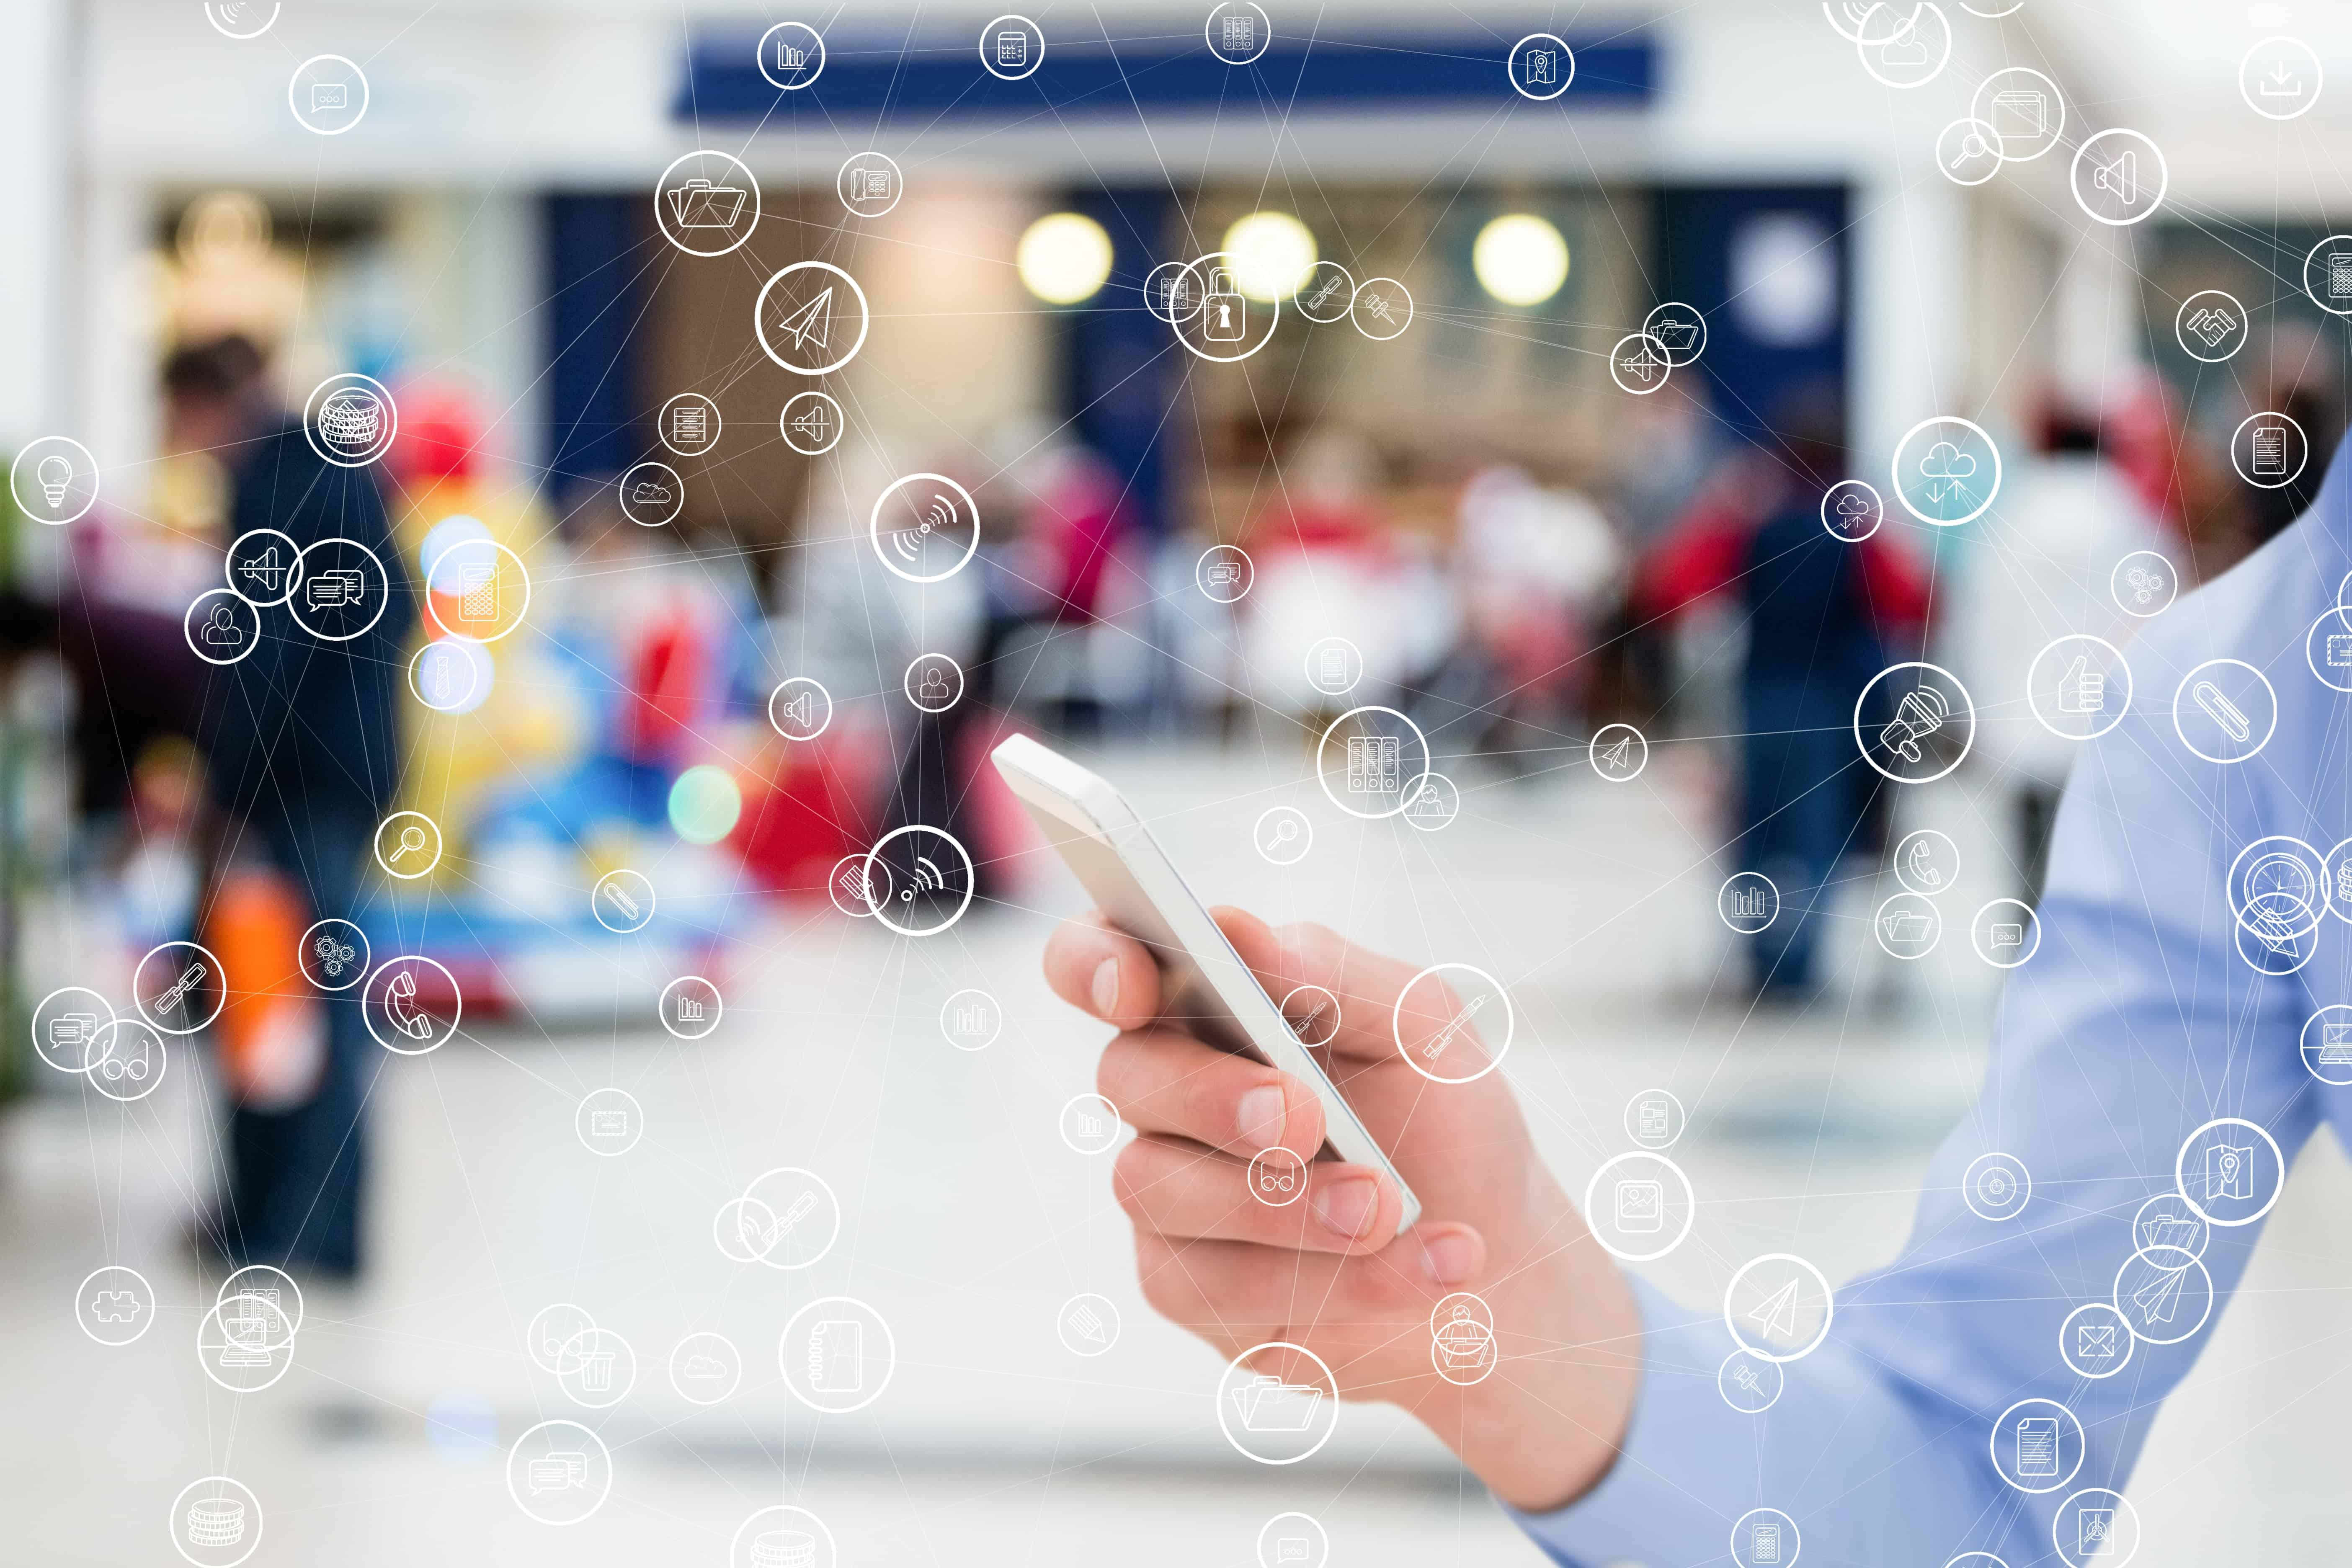 Incitez vos visiteurs à se connecter à votre réseau Wi-Fi